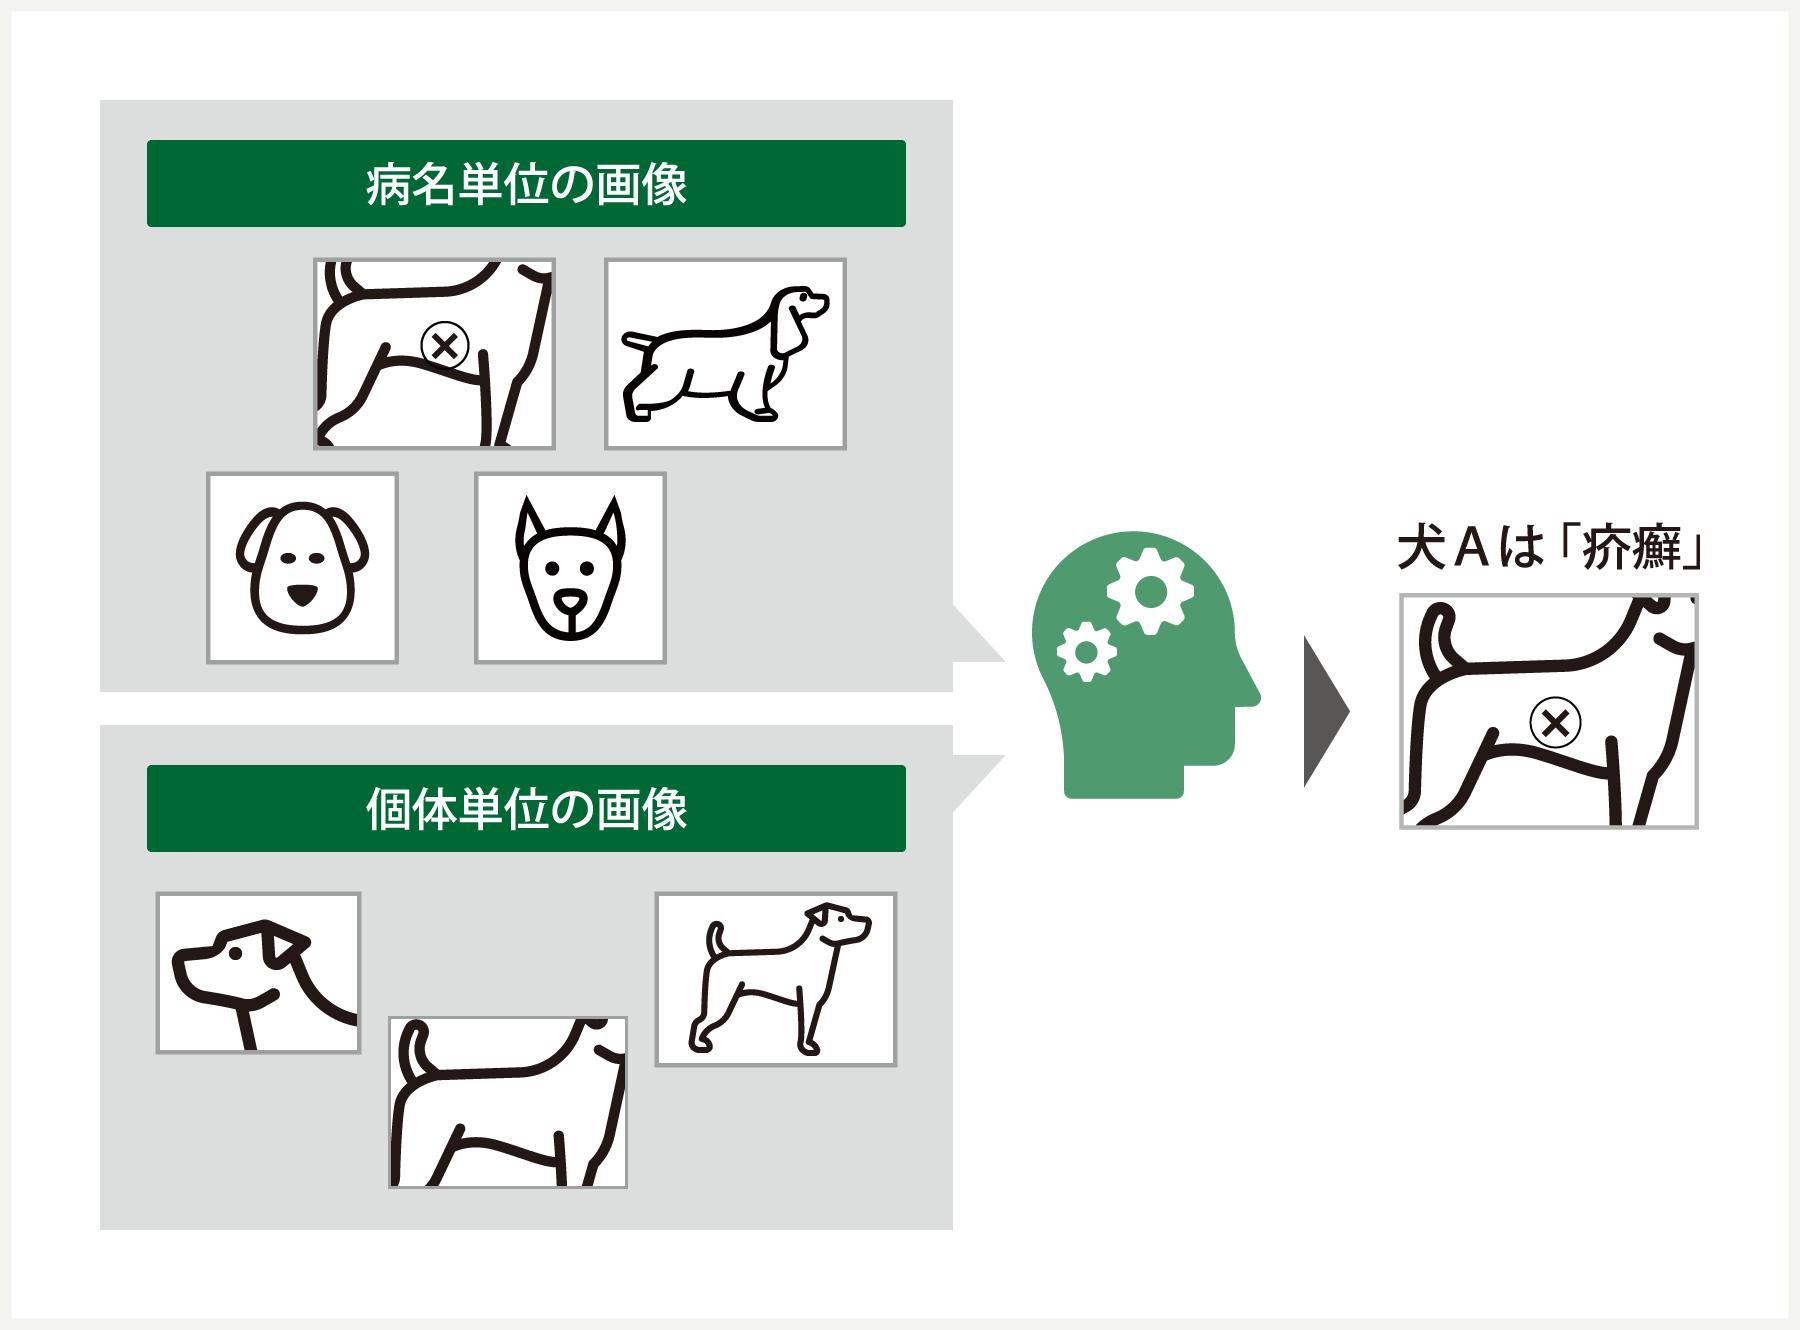 獣医療における皮膚病の自動判定